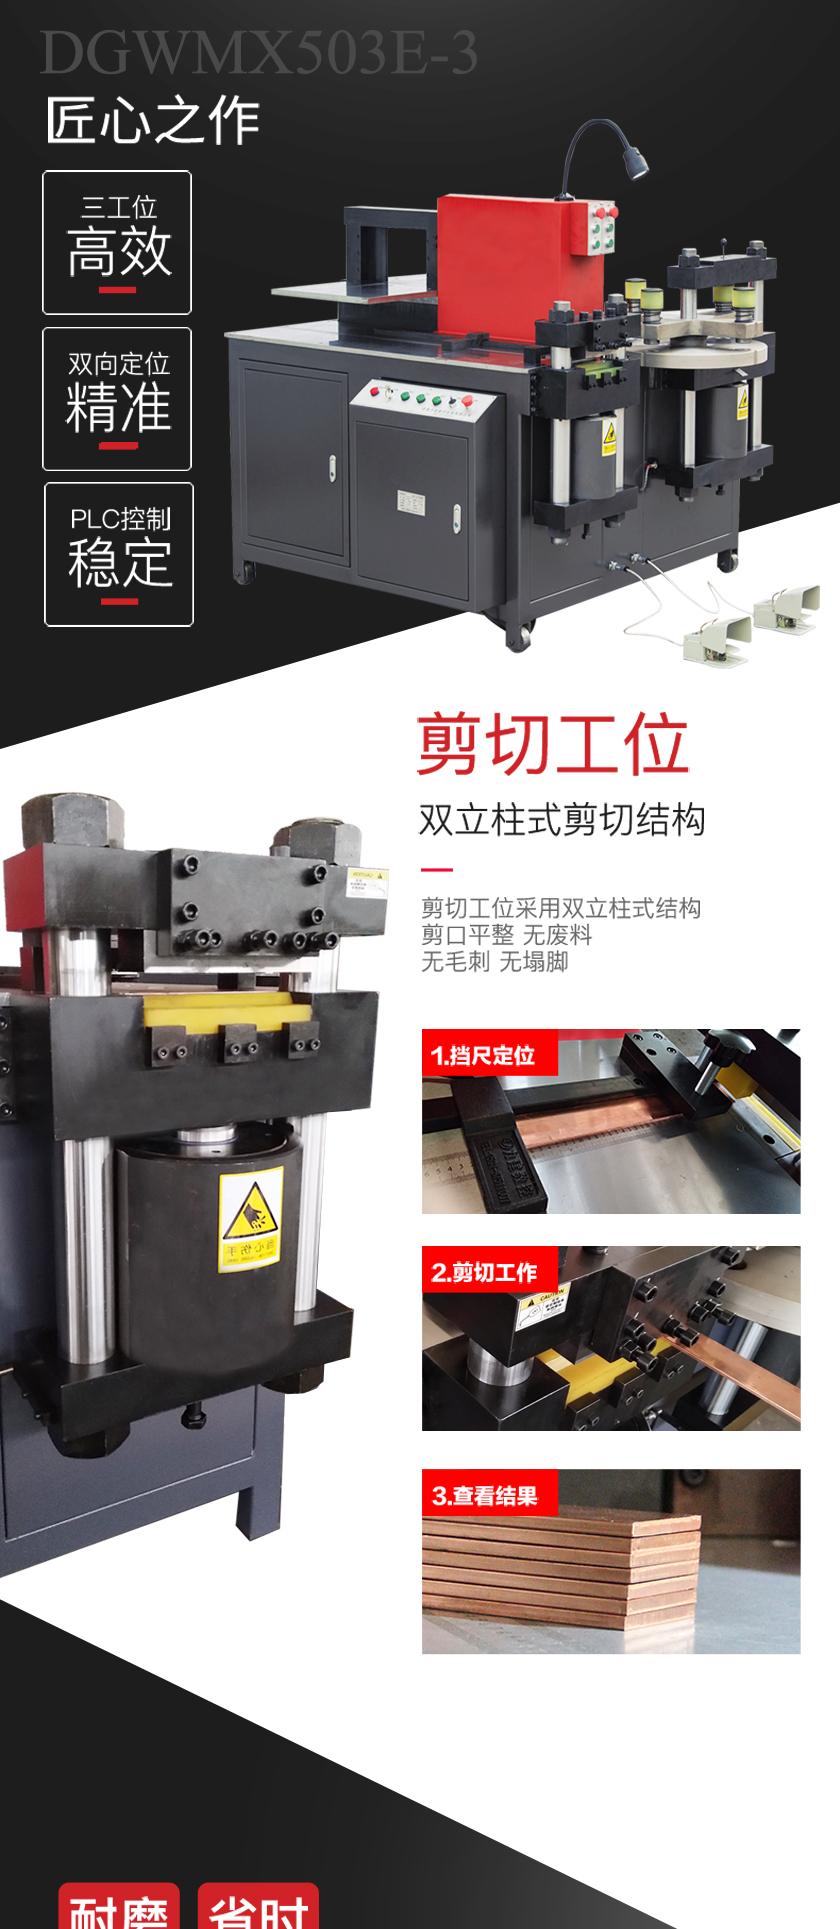 DGWMX503E-3母排加工機